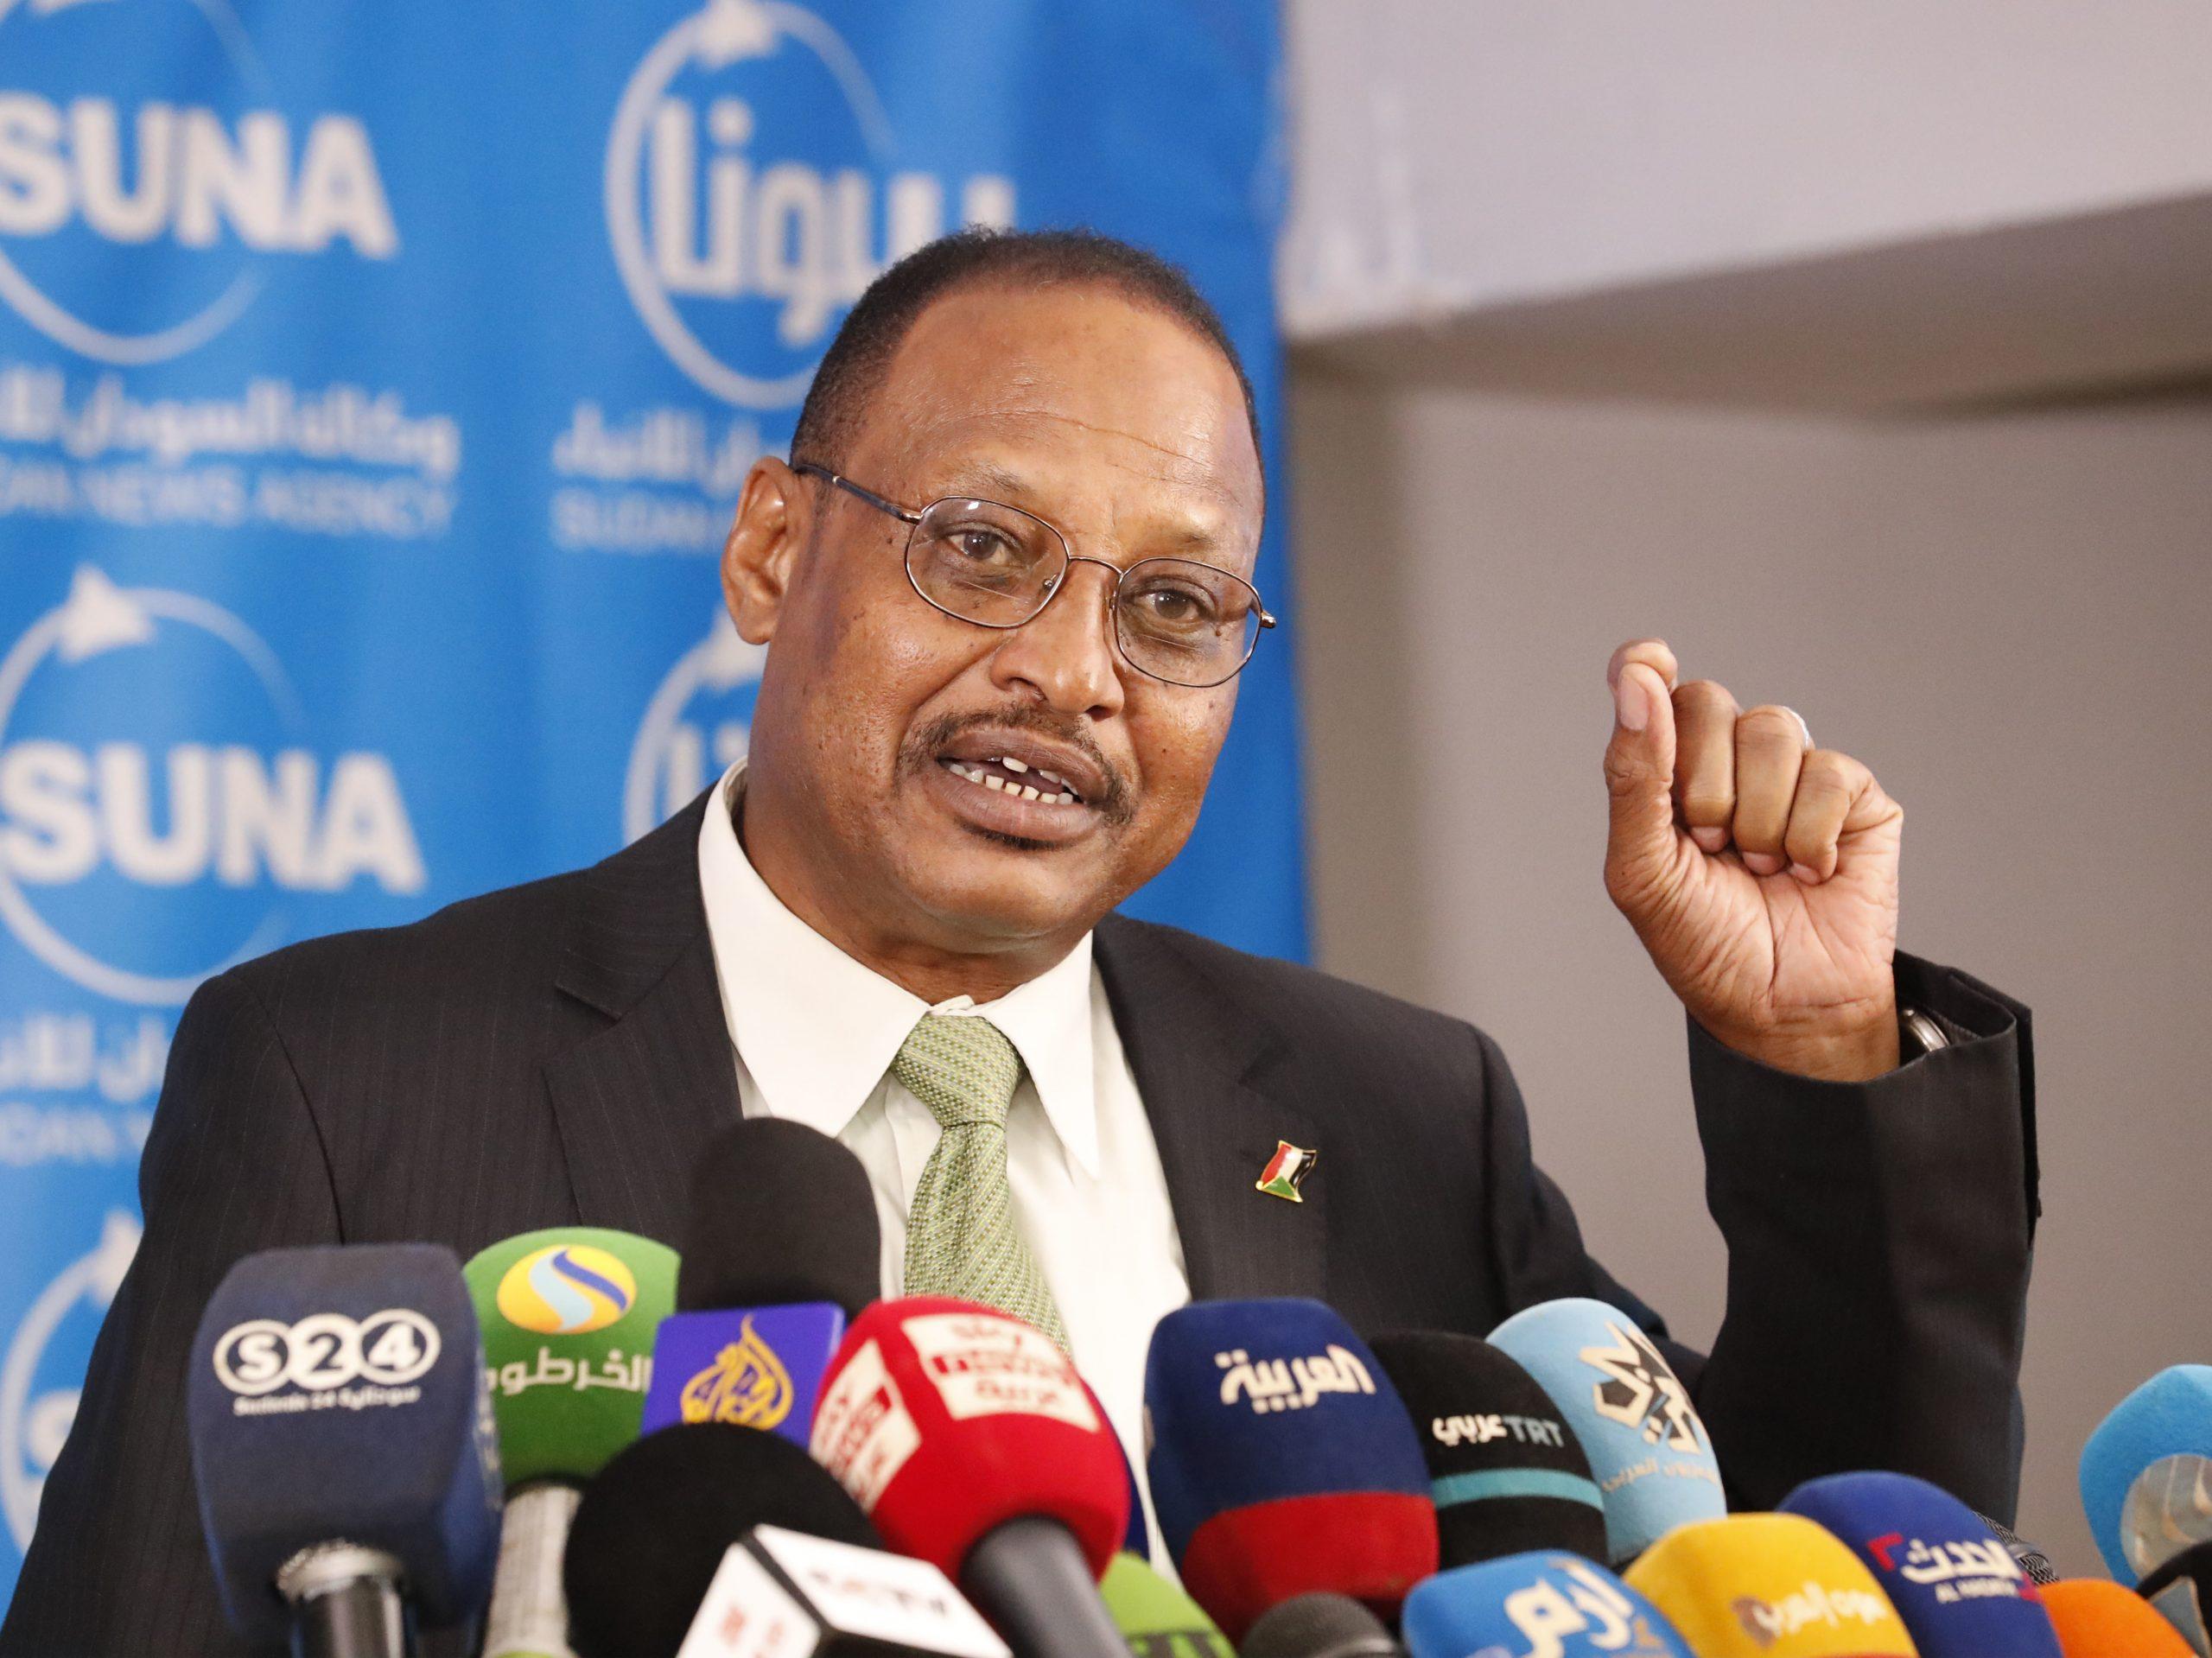 مستشار رئيس الوزراء السوداني : اختفاء 100 مليار دولار من اموال النفط في حسابات فردية